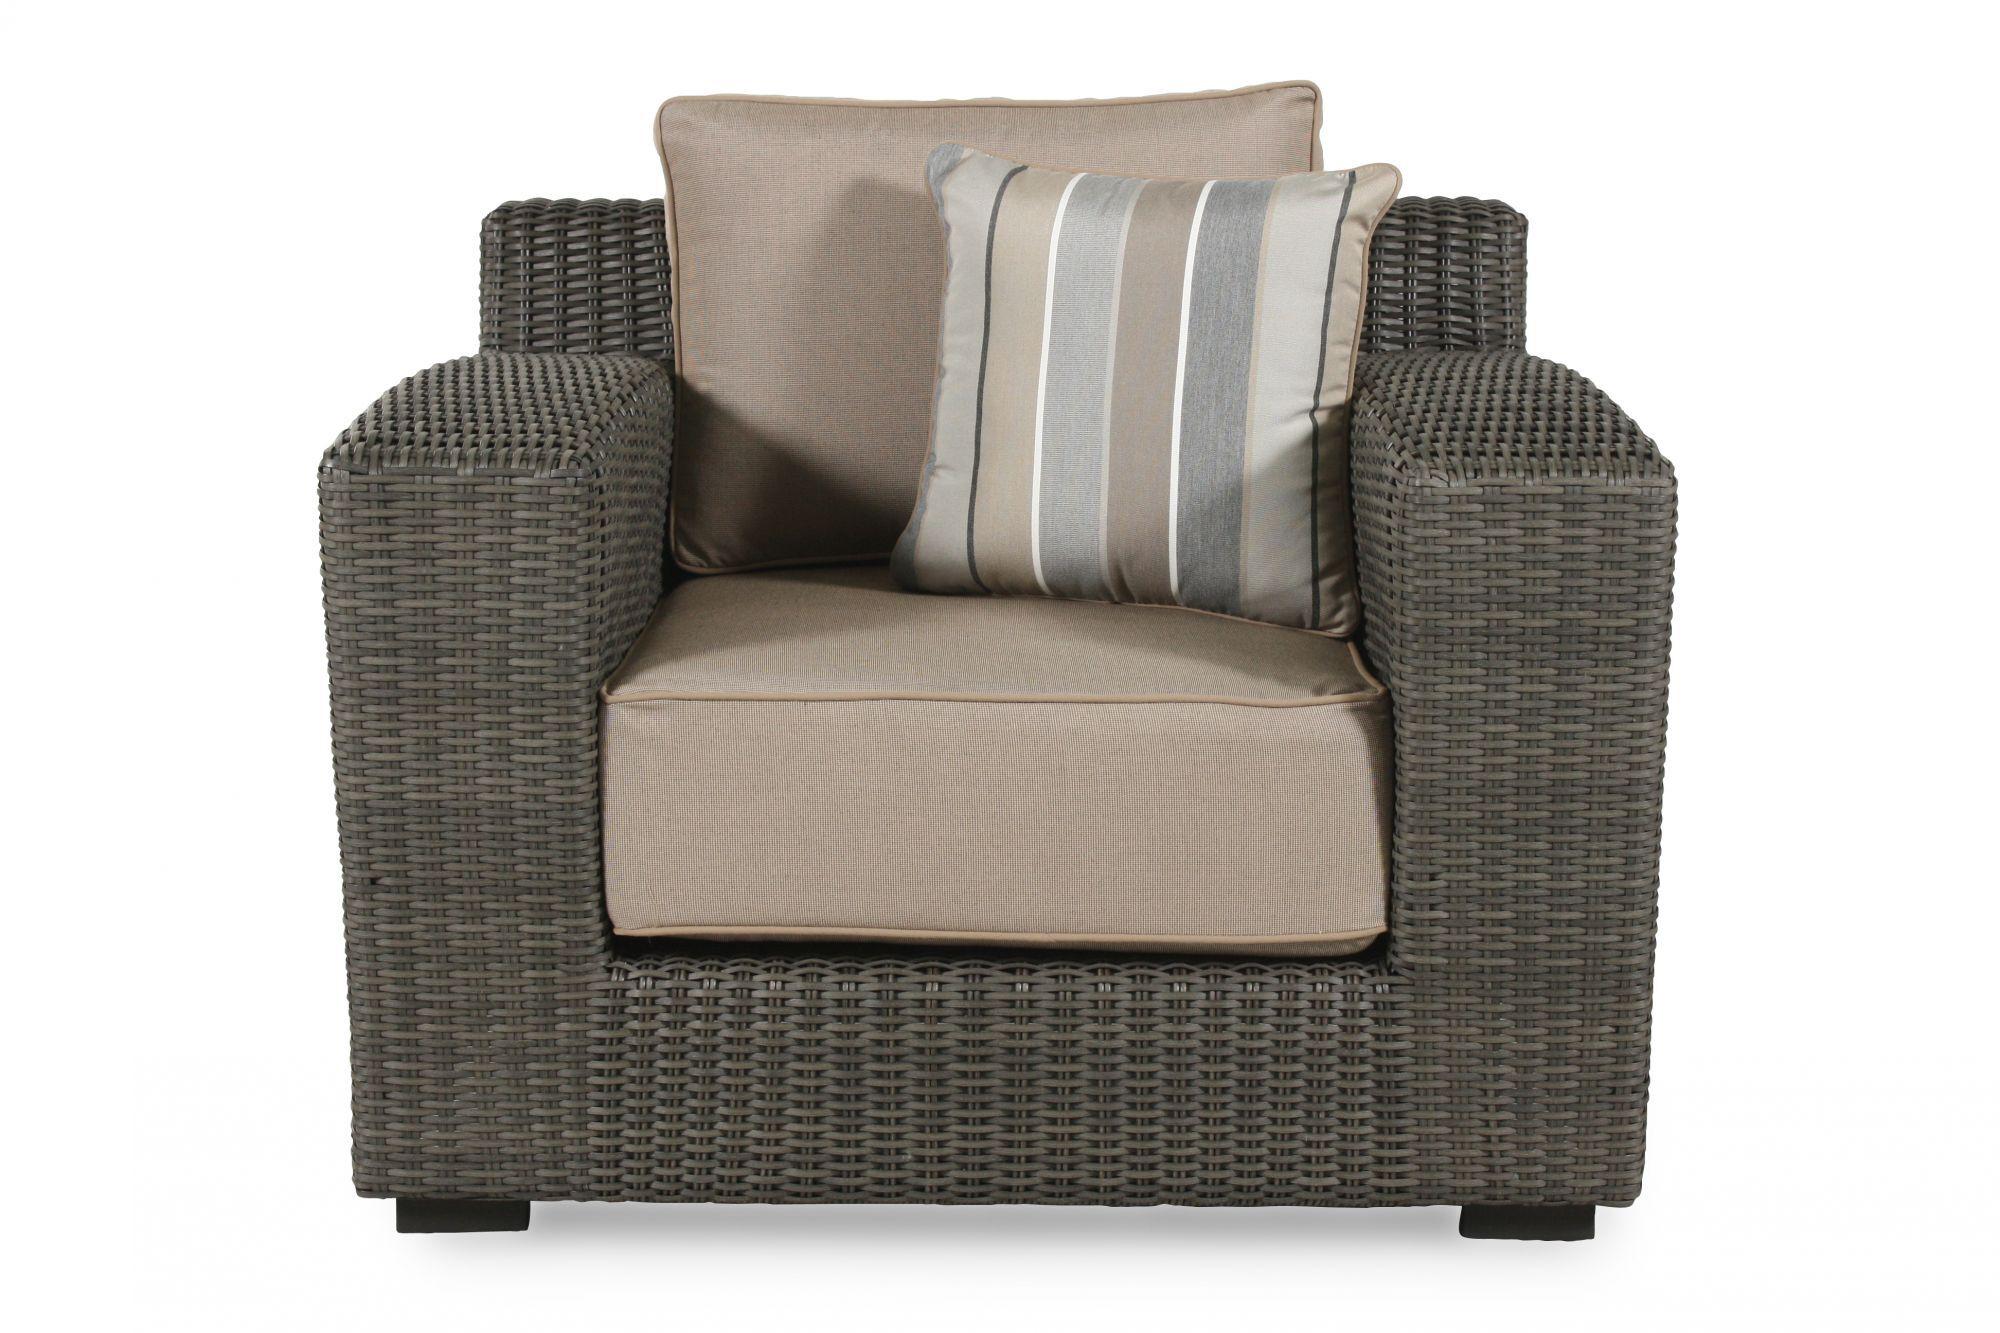 Frellens Patio Furniture San Rafael 28 Images Agio